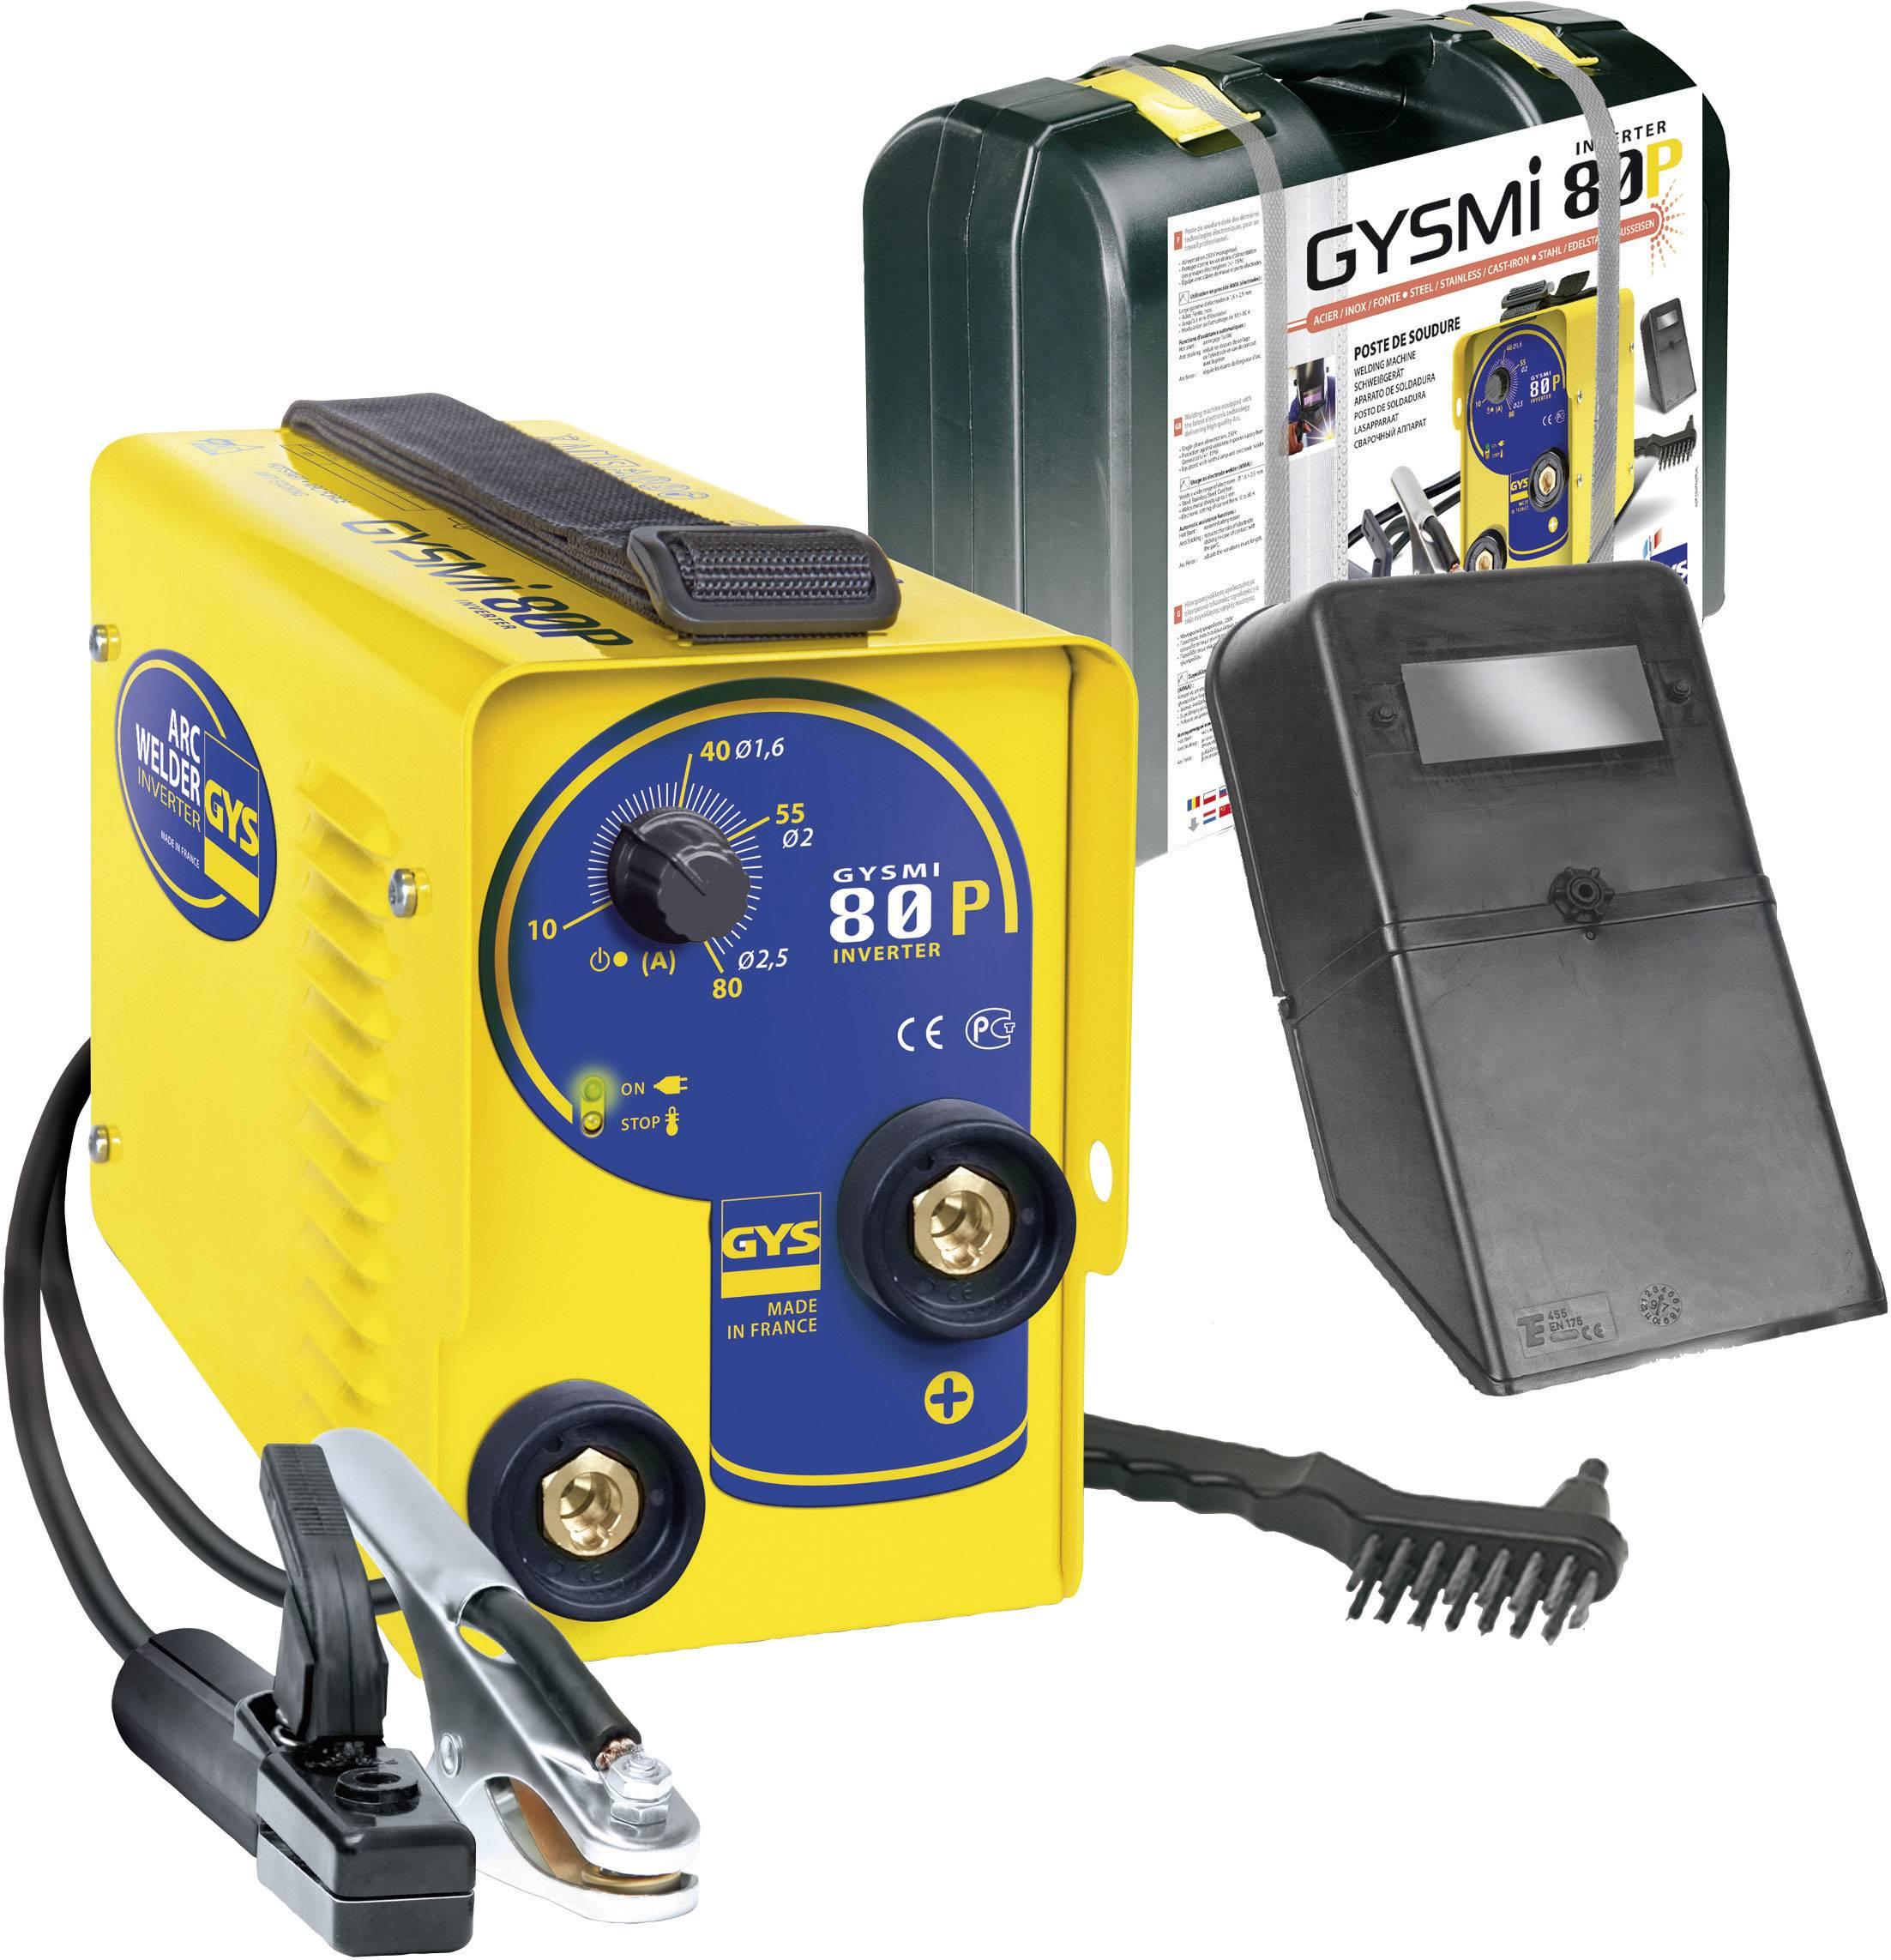 Elektrická zváračka GYS I 80P 029941, 10 - 80 A